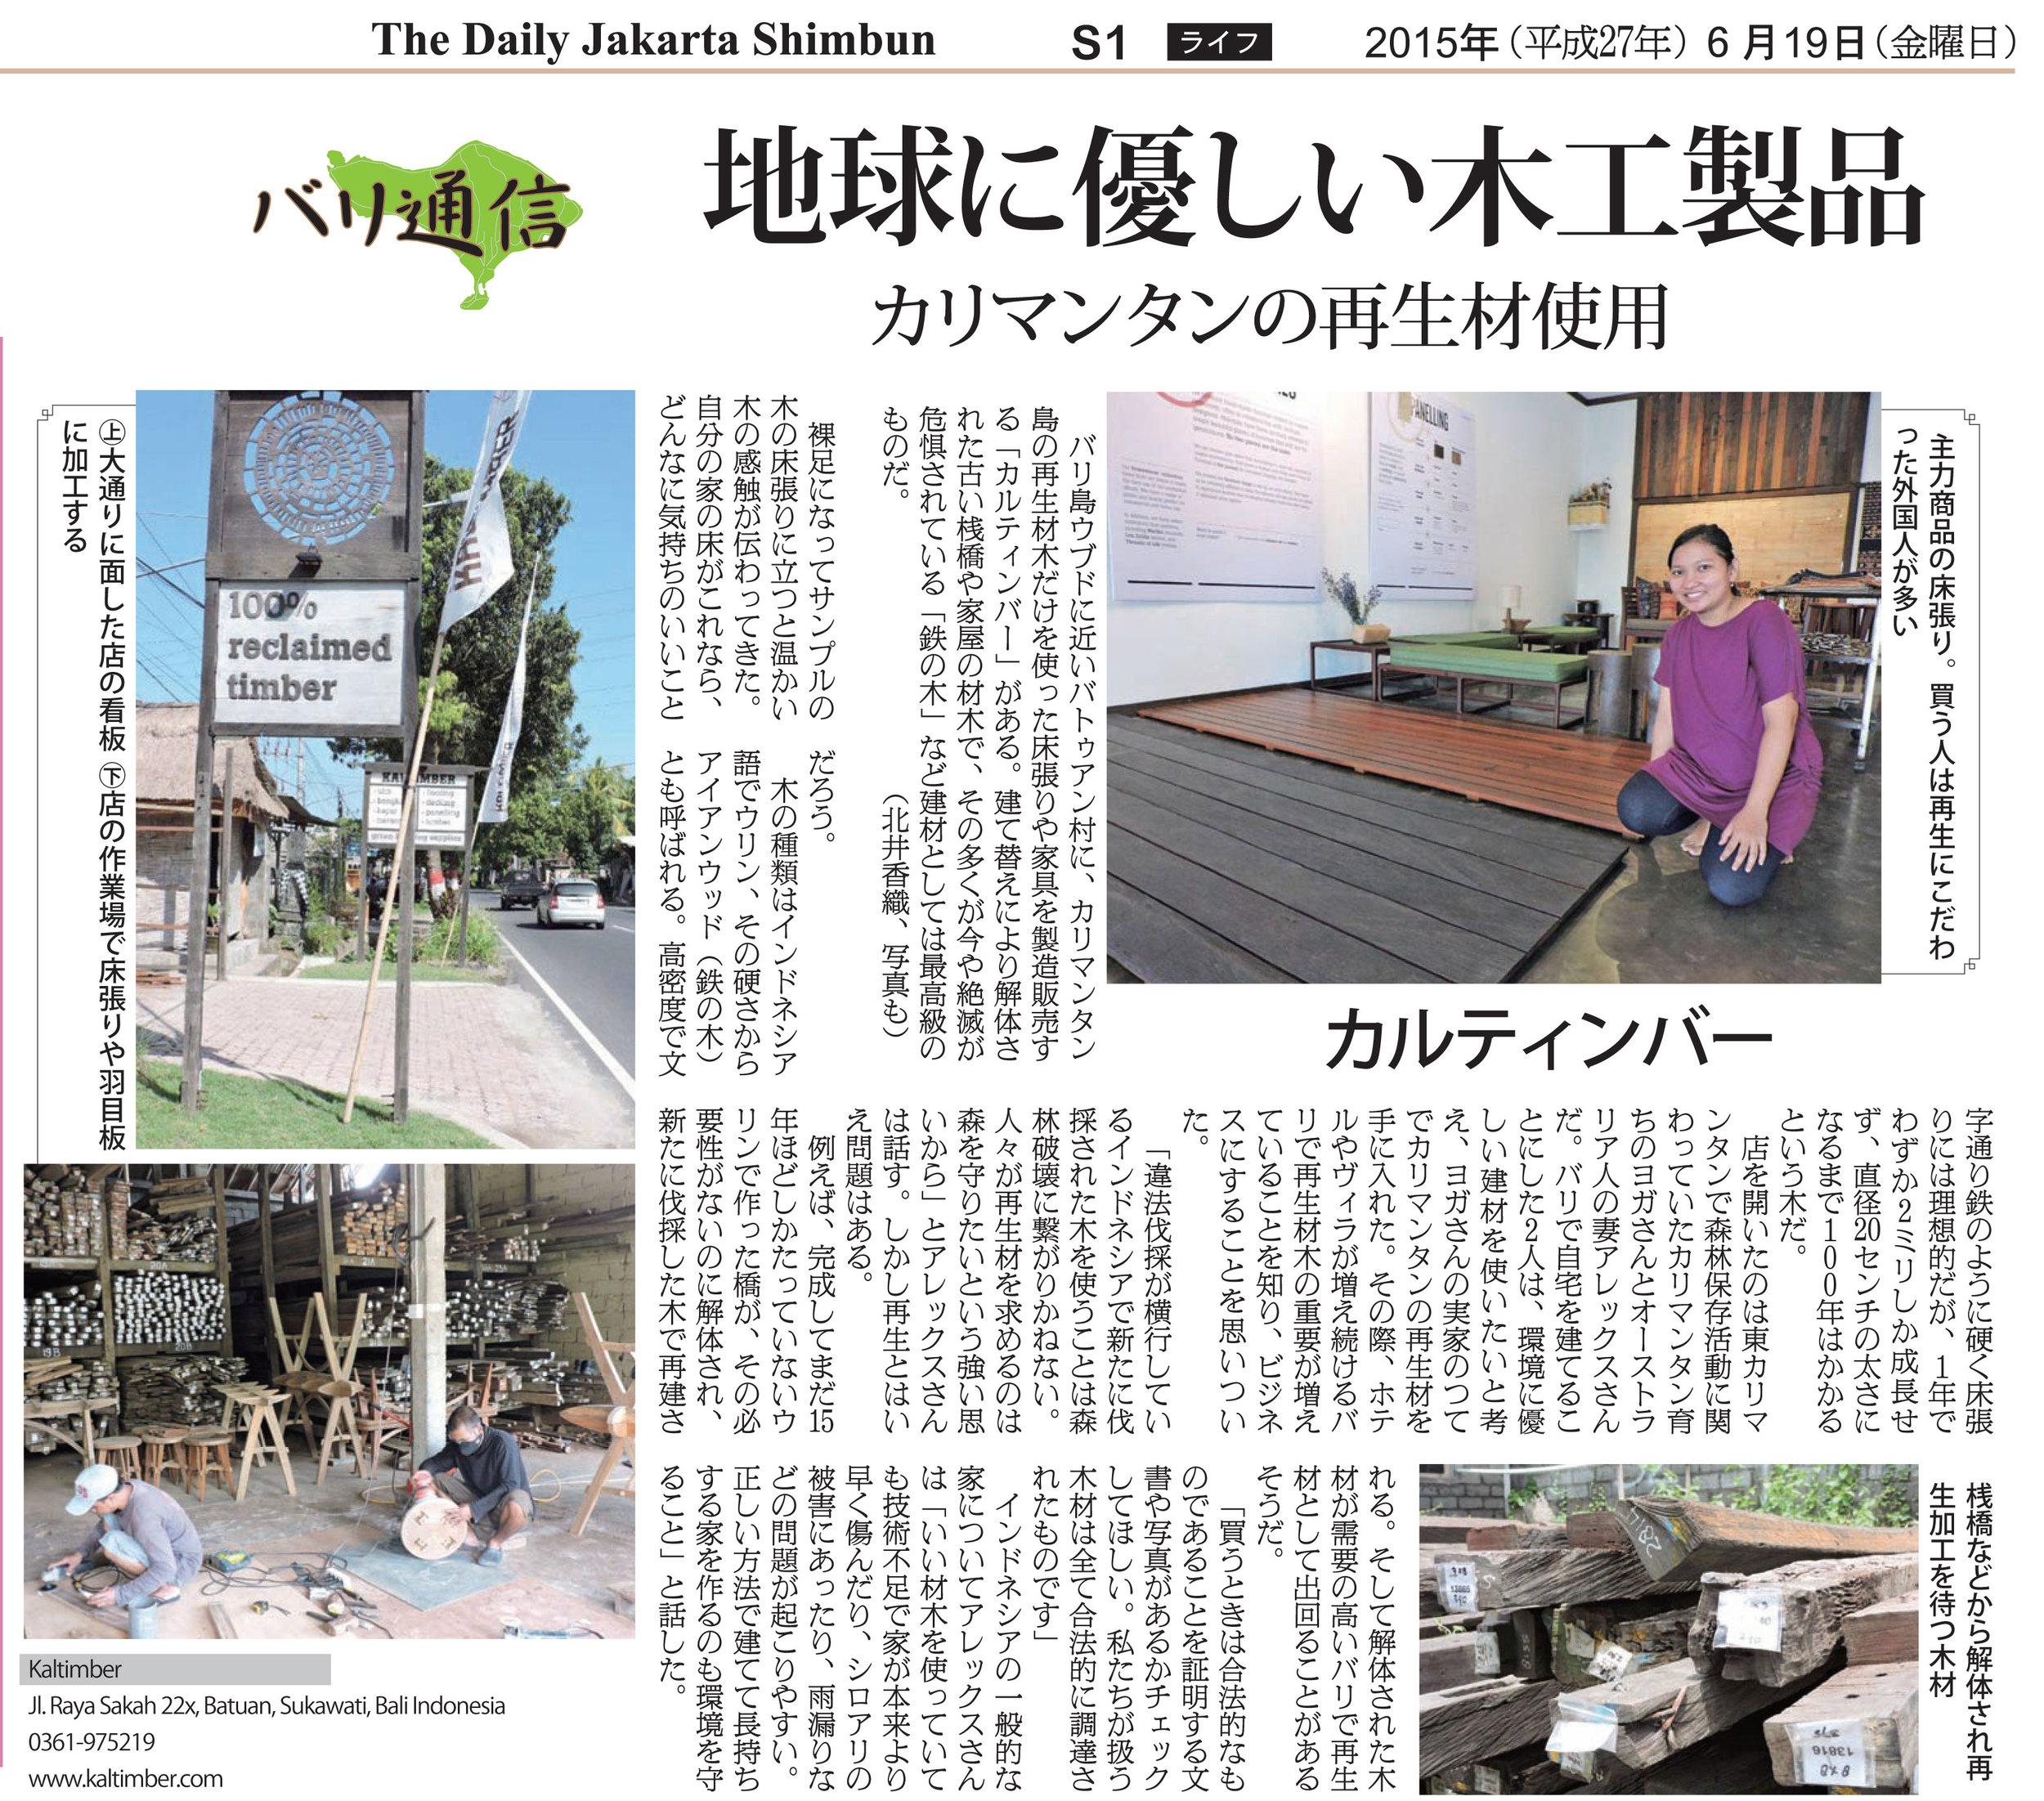 Kaltimber_Jakarta_Shimbun_article